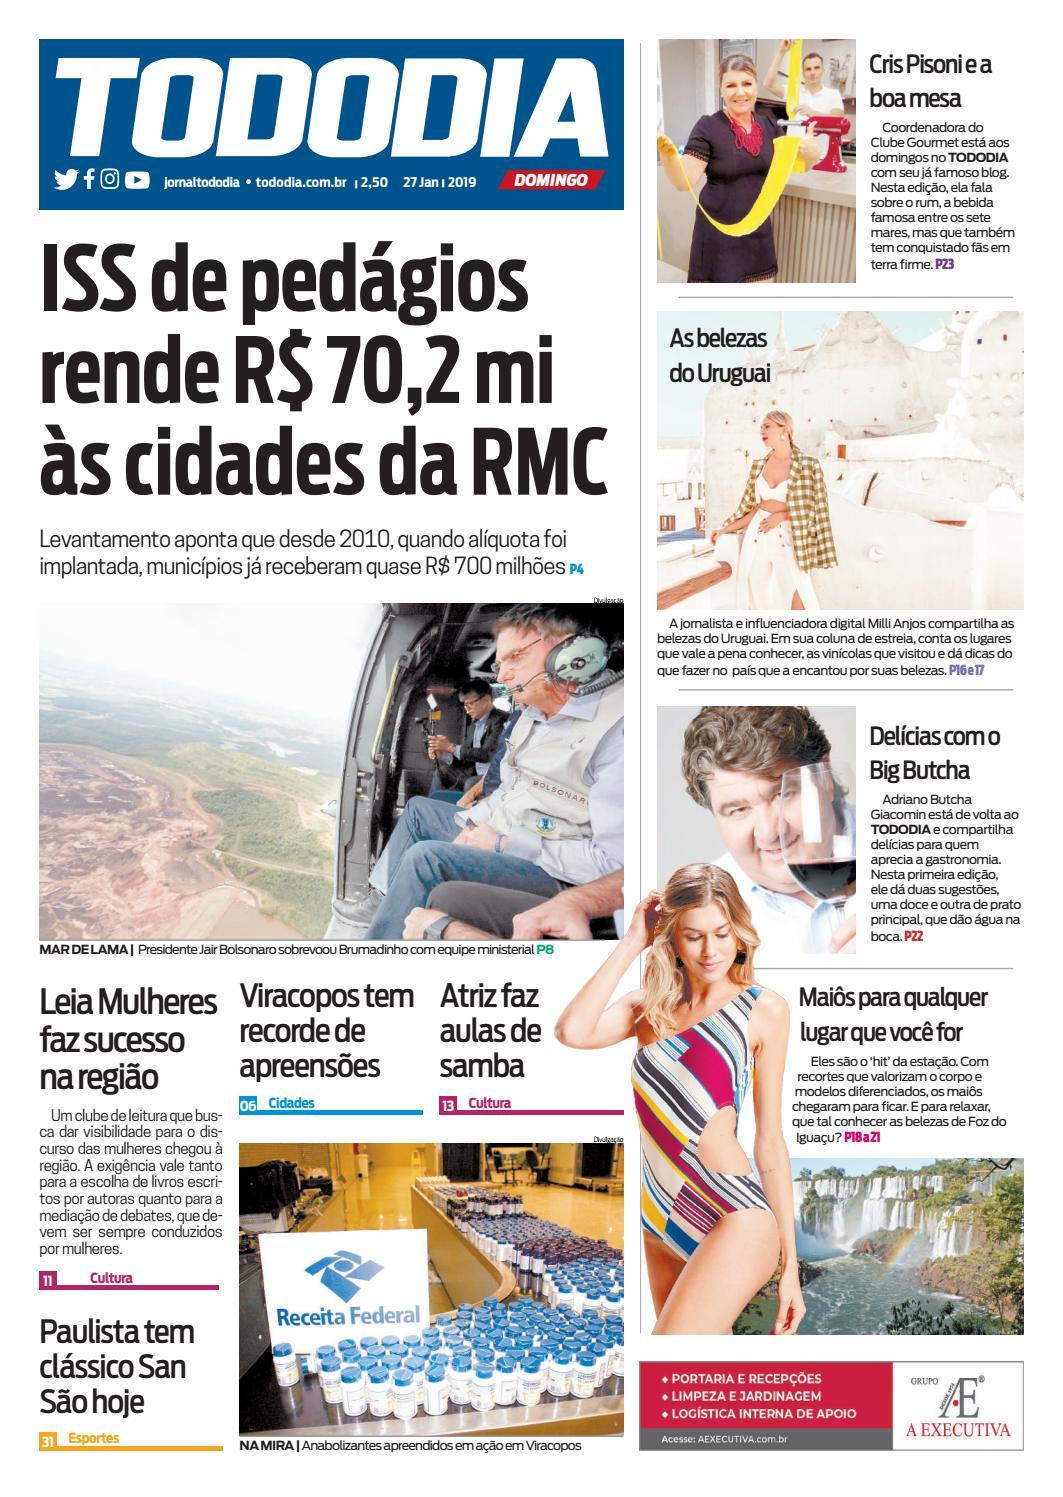 c1c2dccd1 Jornal TodoDia - Edição 27 01 by Jornal TodoDia - issuu